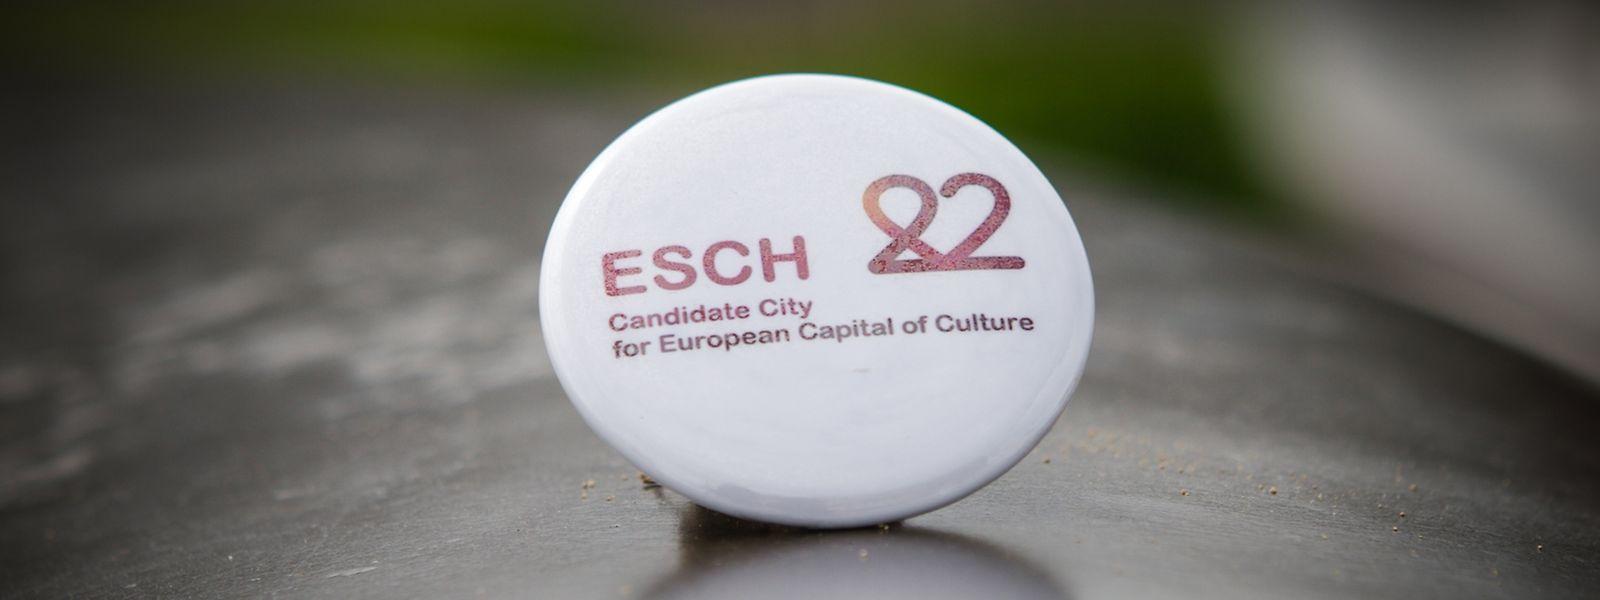 Am 15. September 2017 muss das aufgearbeitete Dossier von Esch 2022 der EU-Jury vorliegen.